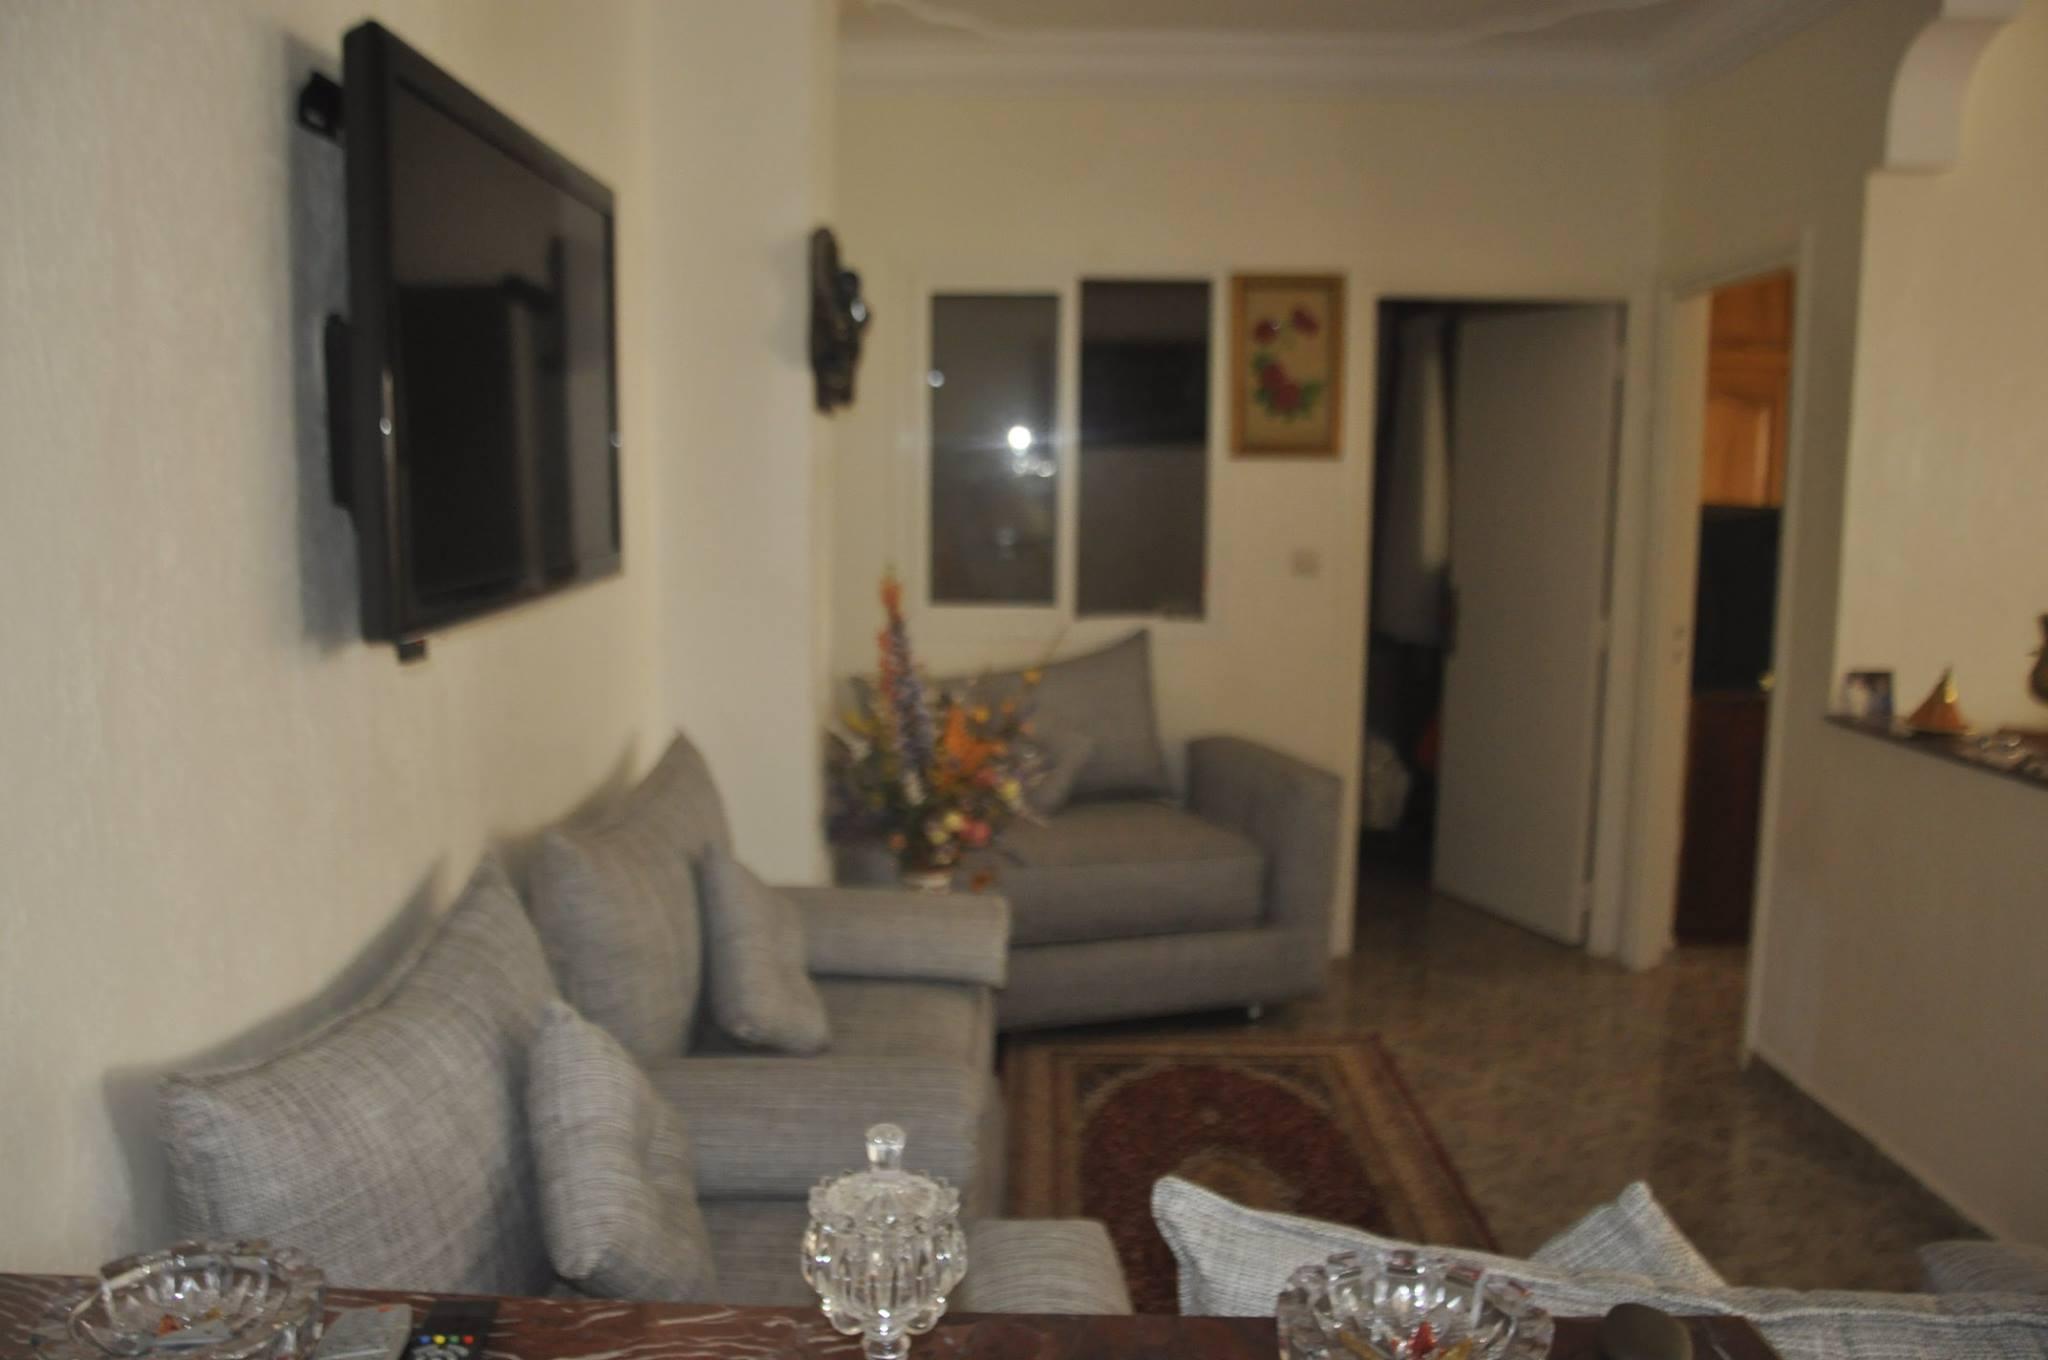 Appartement a vendre achat grand casablanca for Achat maison casablanca